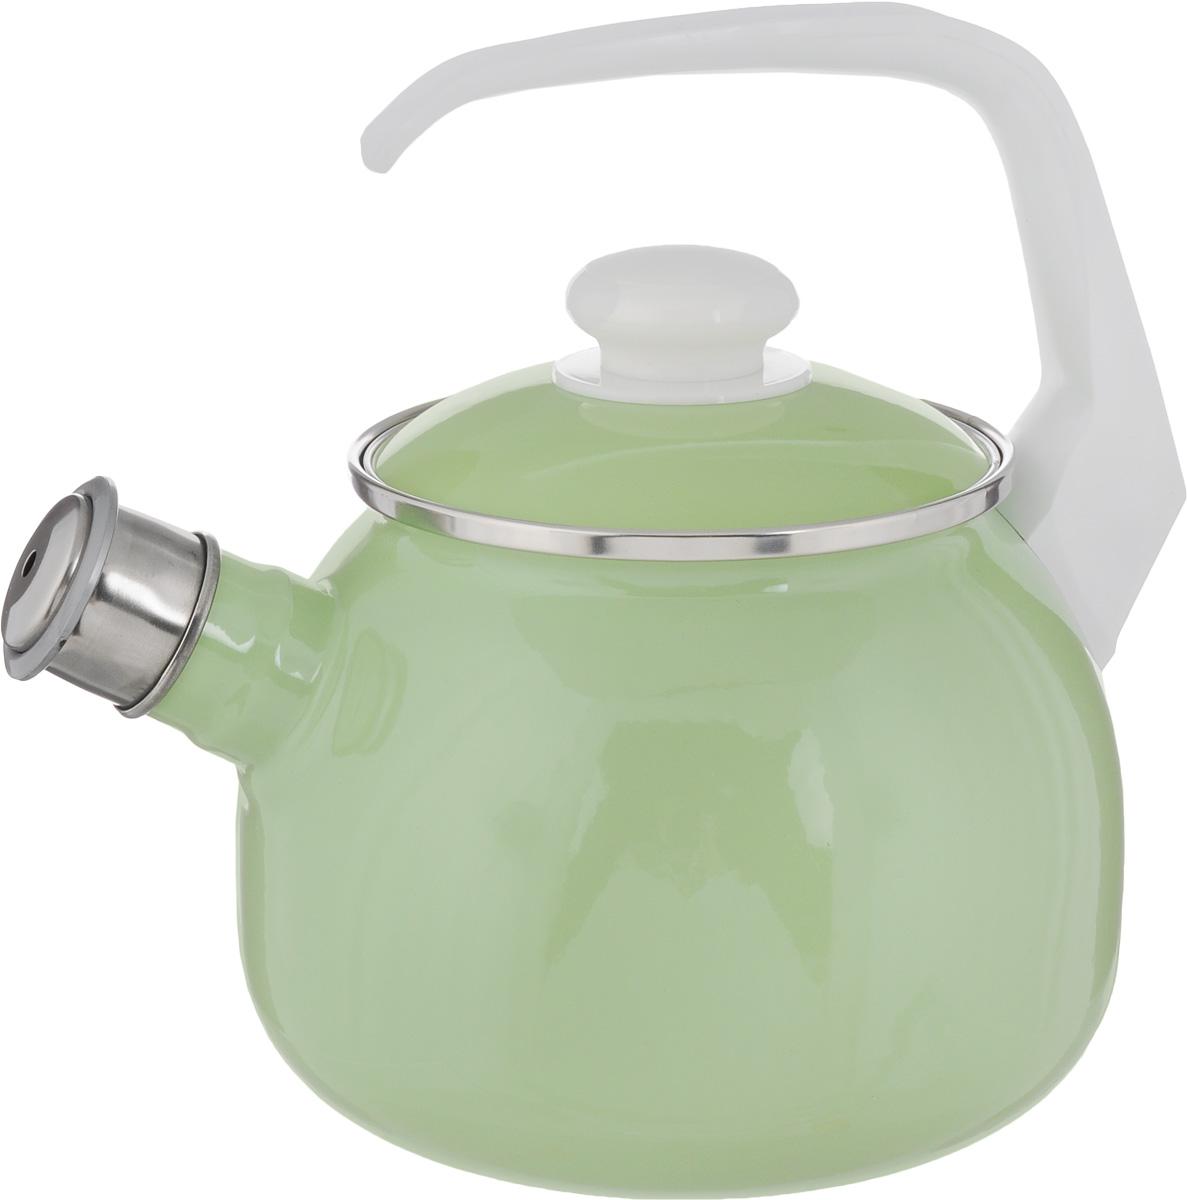 Чайник Elros Green Apple, со свистком, цвет: зеленый, 2,5 л115510Чайник Elros Green Apple изготовлен из высококачественной нержавеющей стали с эмалированным покрытием. Нержавеющая сталь обладает высокой устойчивостью к коррозии, не вступает в реакцию с холодными и горячими продуктами и полностью сохраняет их вкусовые качества. Особая конструкция дна способствует высокой теплопроводности и равномерному распределению тепла. Чайник оснащен удобной ручкой. Носик чайника имеет снимающийся свисток, звуковой сигнал которого подскажет, когда закипит вода. Подходит для всех типов плит, включая индукционные. Можно мыть в посудомоечной машине.Диаметр чайника (по верхнему краю): 12,5 см.Высота чайника (без учета ручки и крышки): 13 см.Высота чайника (с учетом ручки): 23 см.